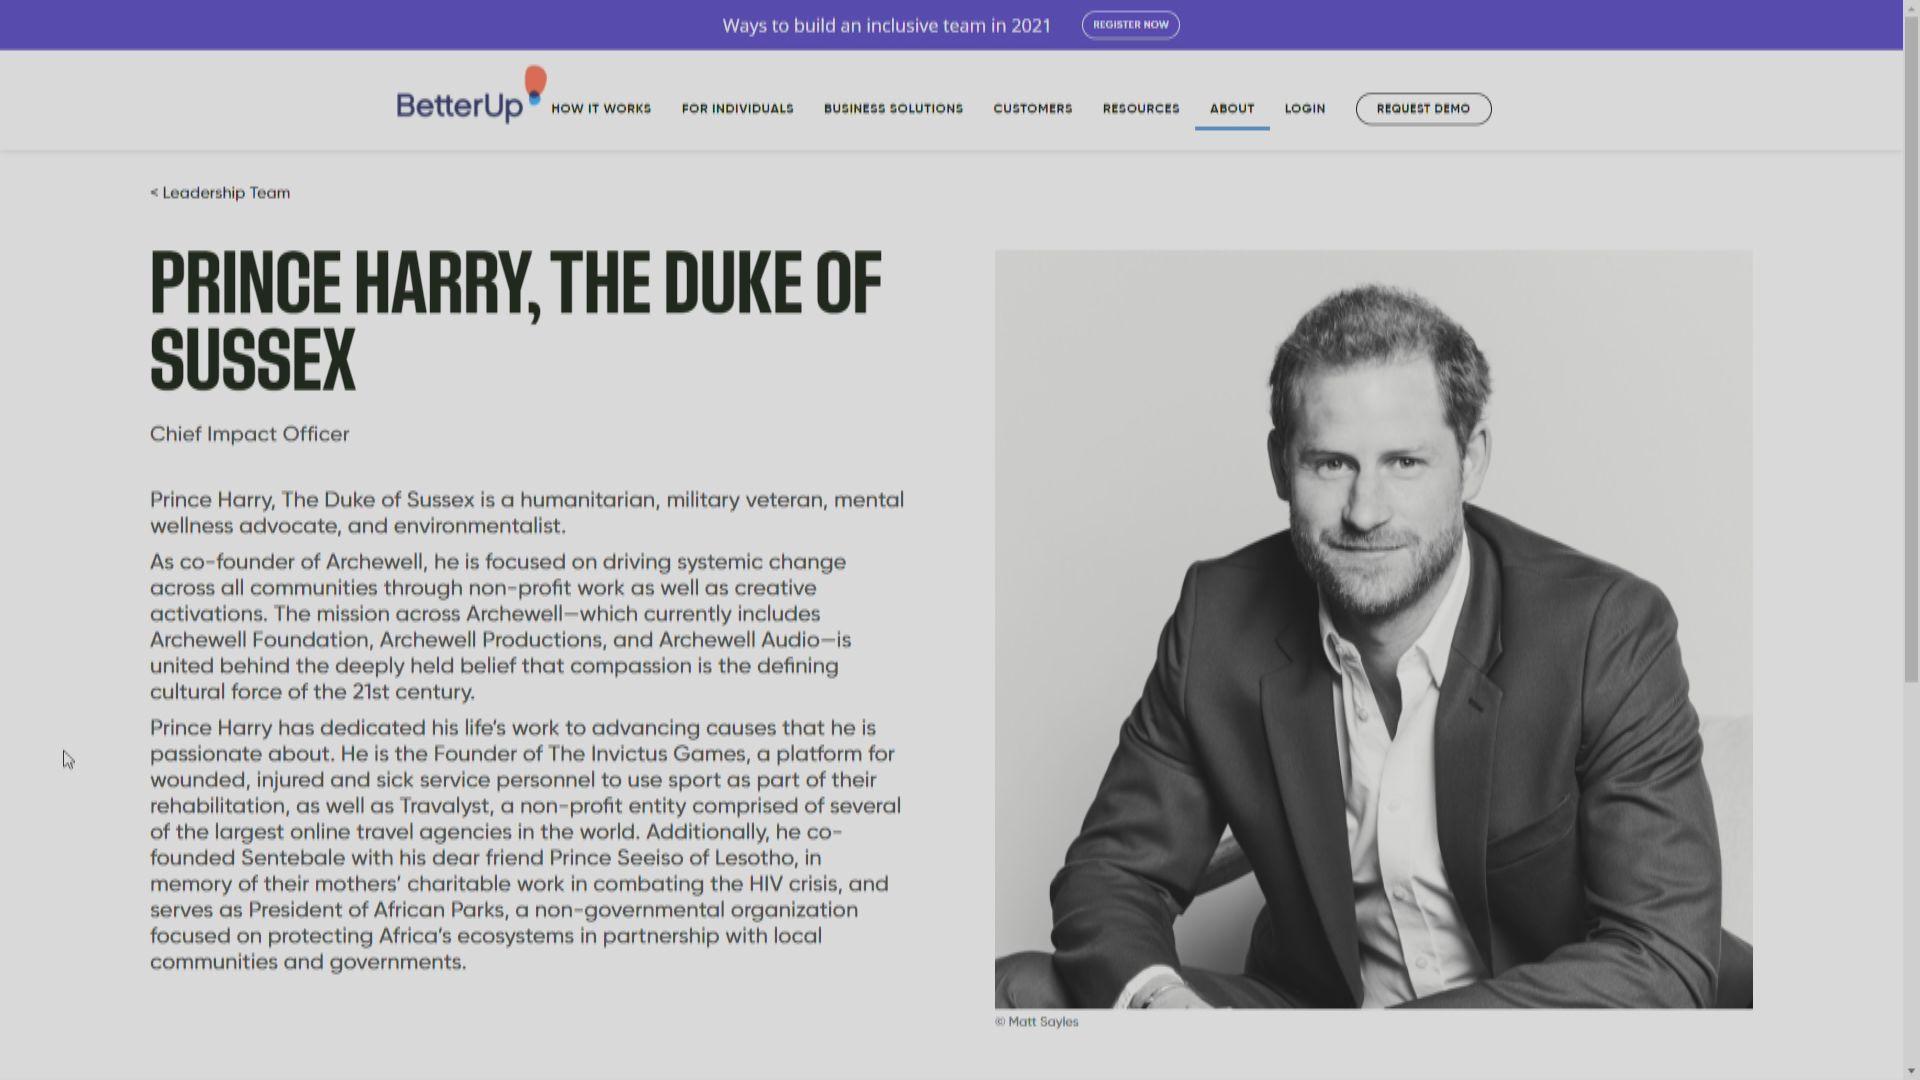 【環球薈報】哈里獲矽谷初創企業聘為首席影響力主任